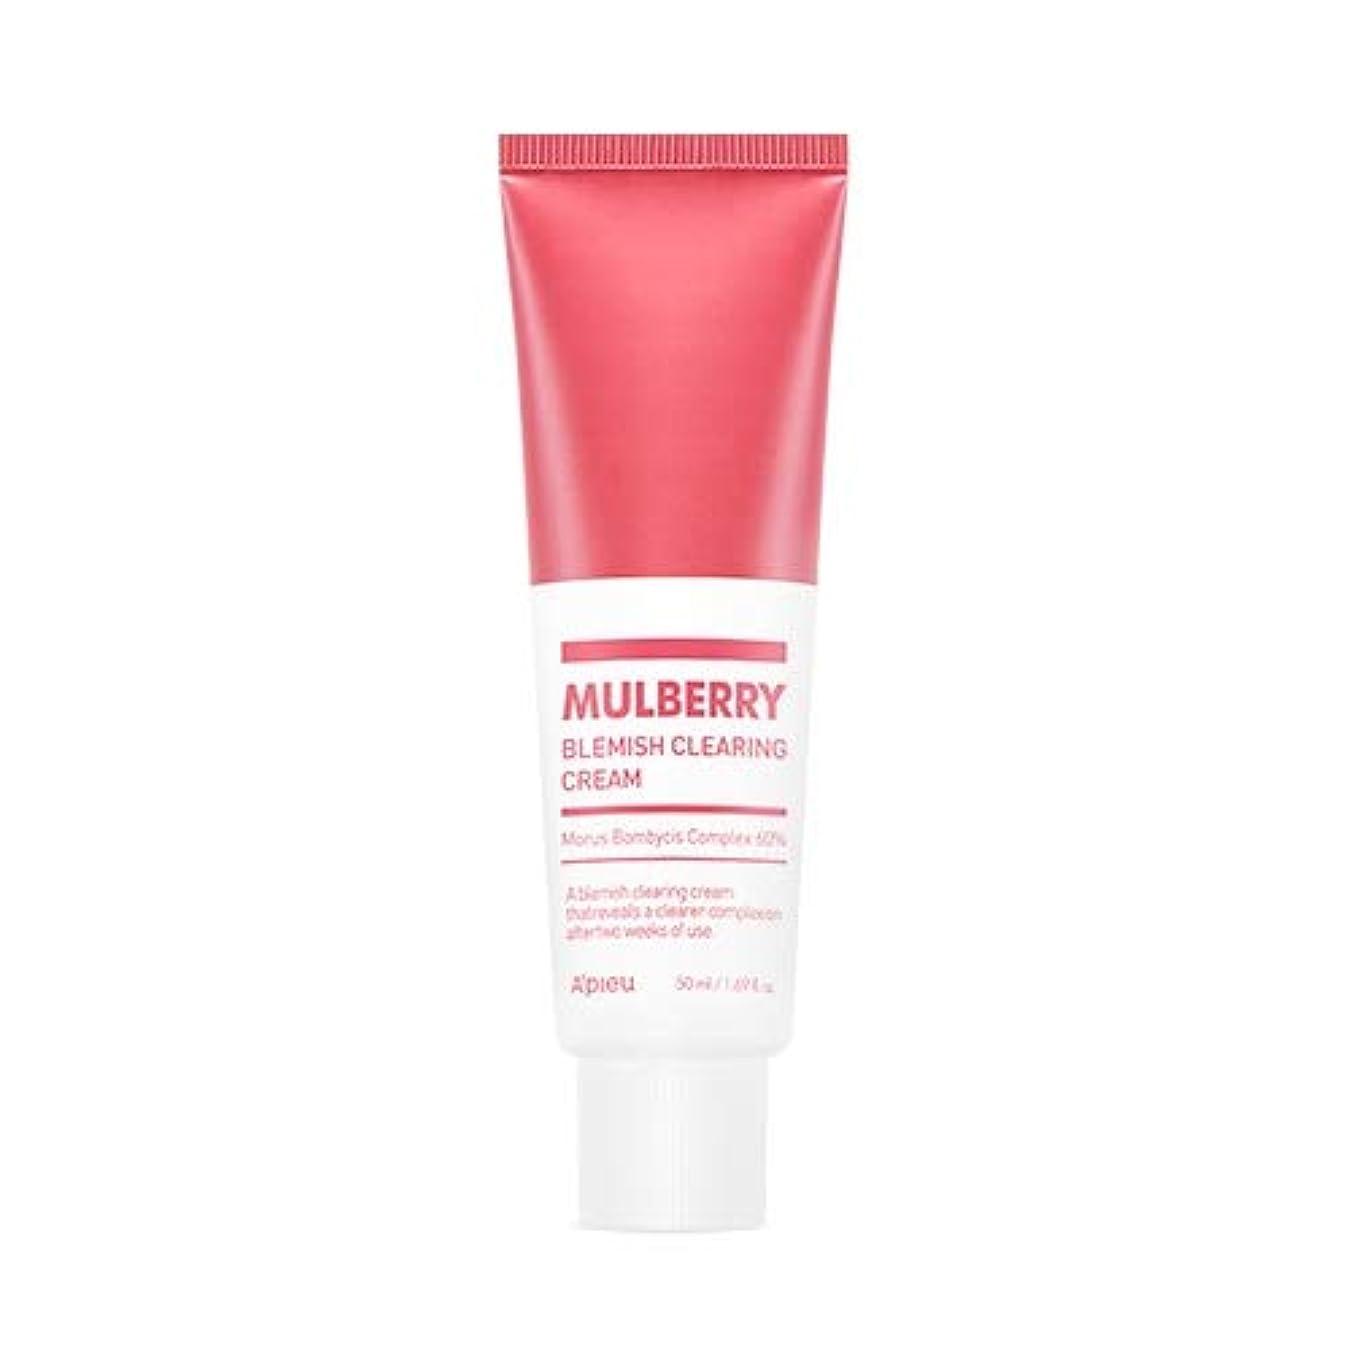 操作エクスタシー正確さアピュ マルベリー ブラミッシュ クリアリング クリーム 50ml / APIEU Mulberry Blemish Clearing Cream 50ml [並行輸入品]